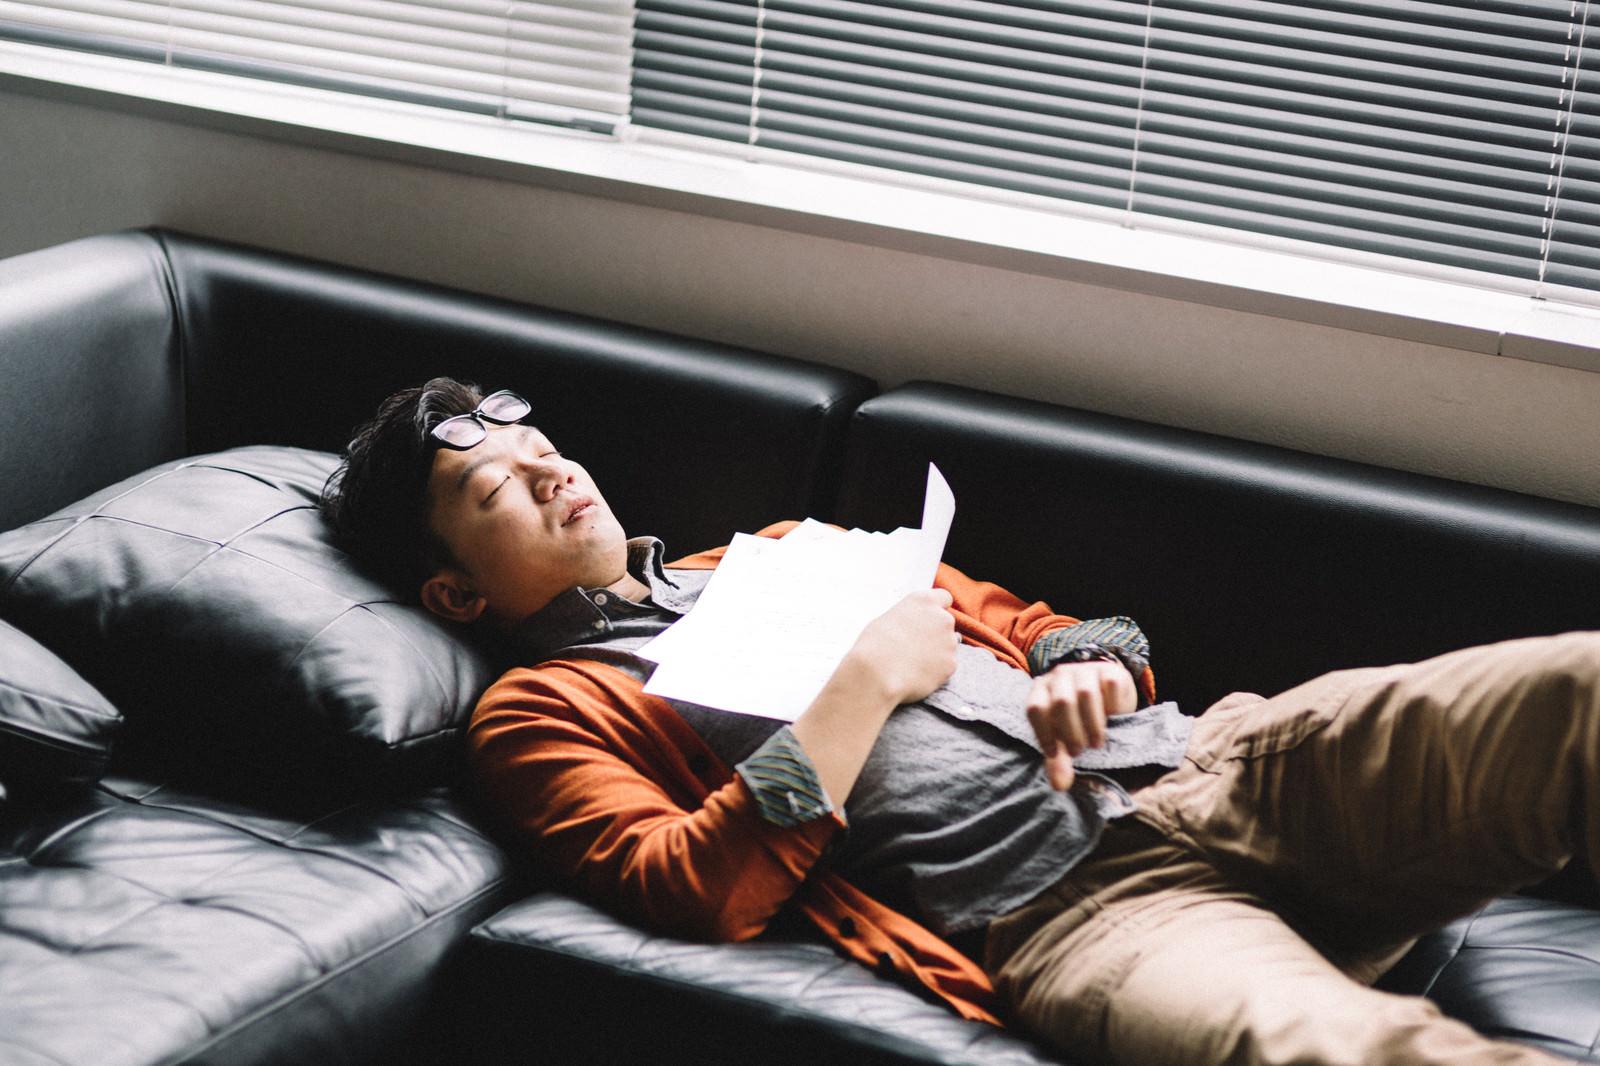 「ソファの上で死んだように眠る社畜ソファの上で死んだように眠る社畜」[モデル:ozpa]のフリー写真素材を拡大